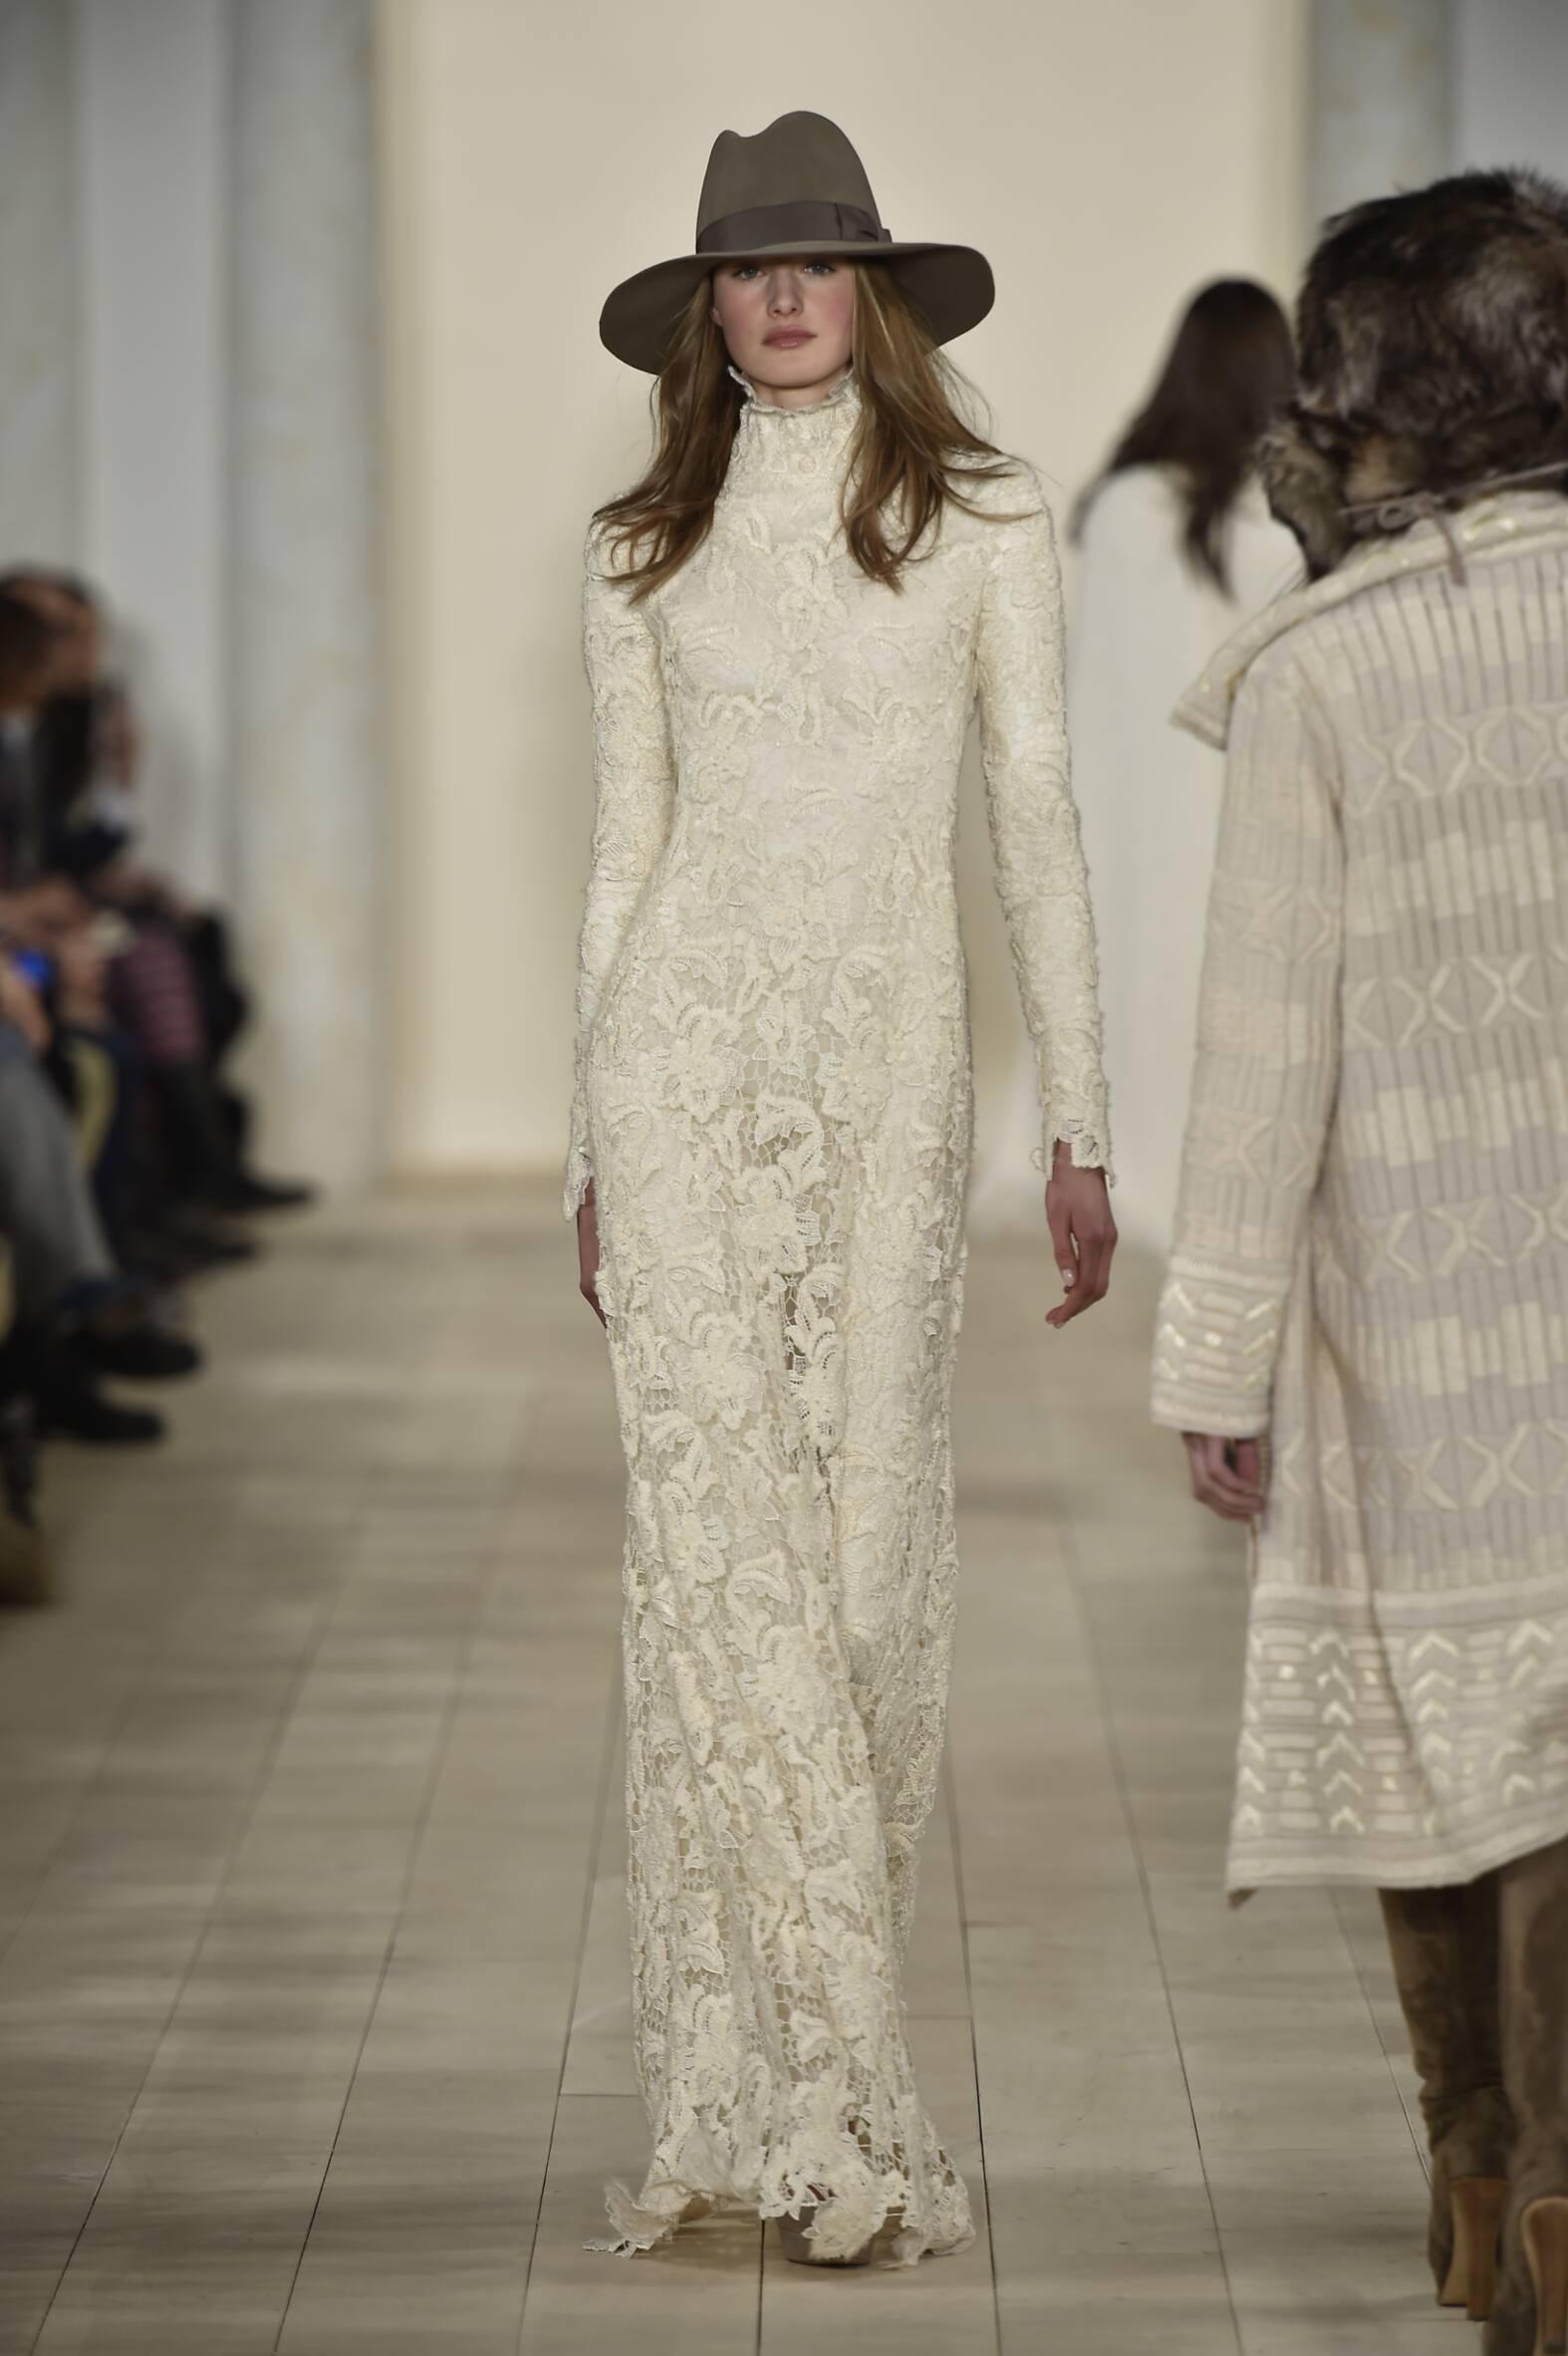 Ralph Lauren Fall Winter 2015 16 Womenswear Collection New York Fashion Week Fashion Show